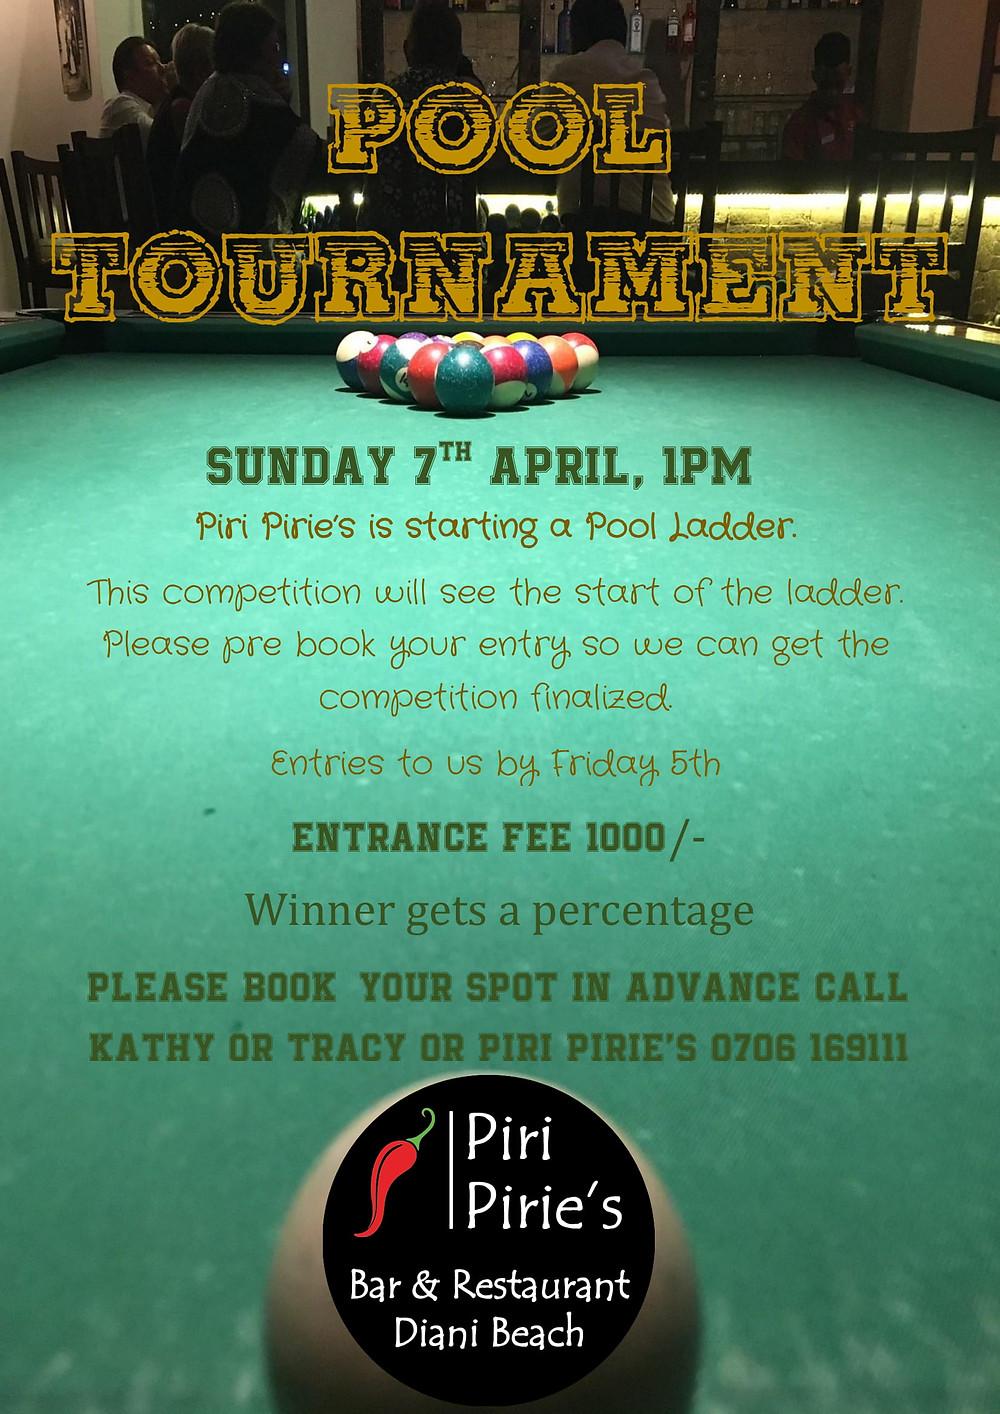 Pool Tournament at Piri Piries Sunday 7th April 1pm.